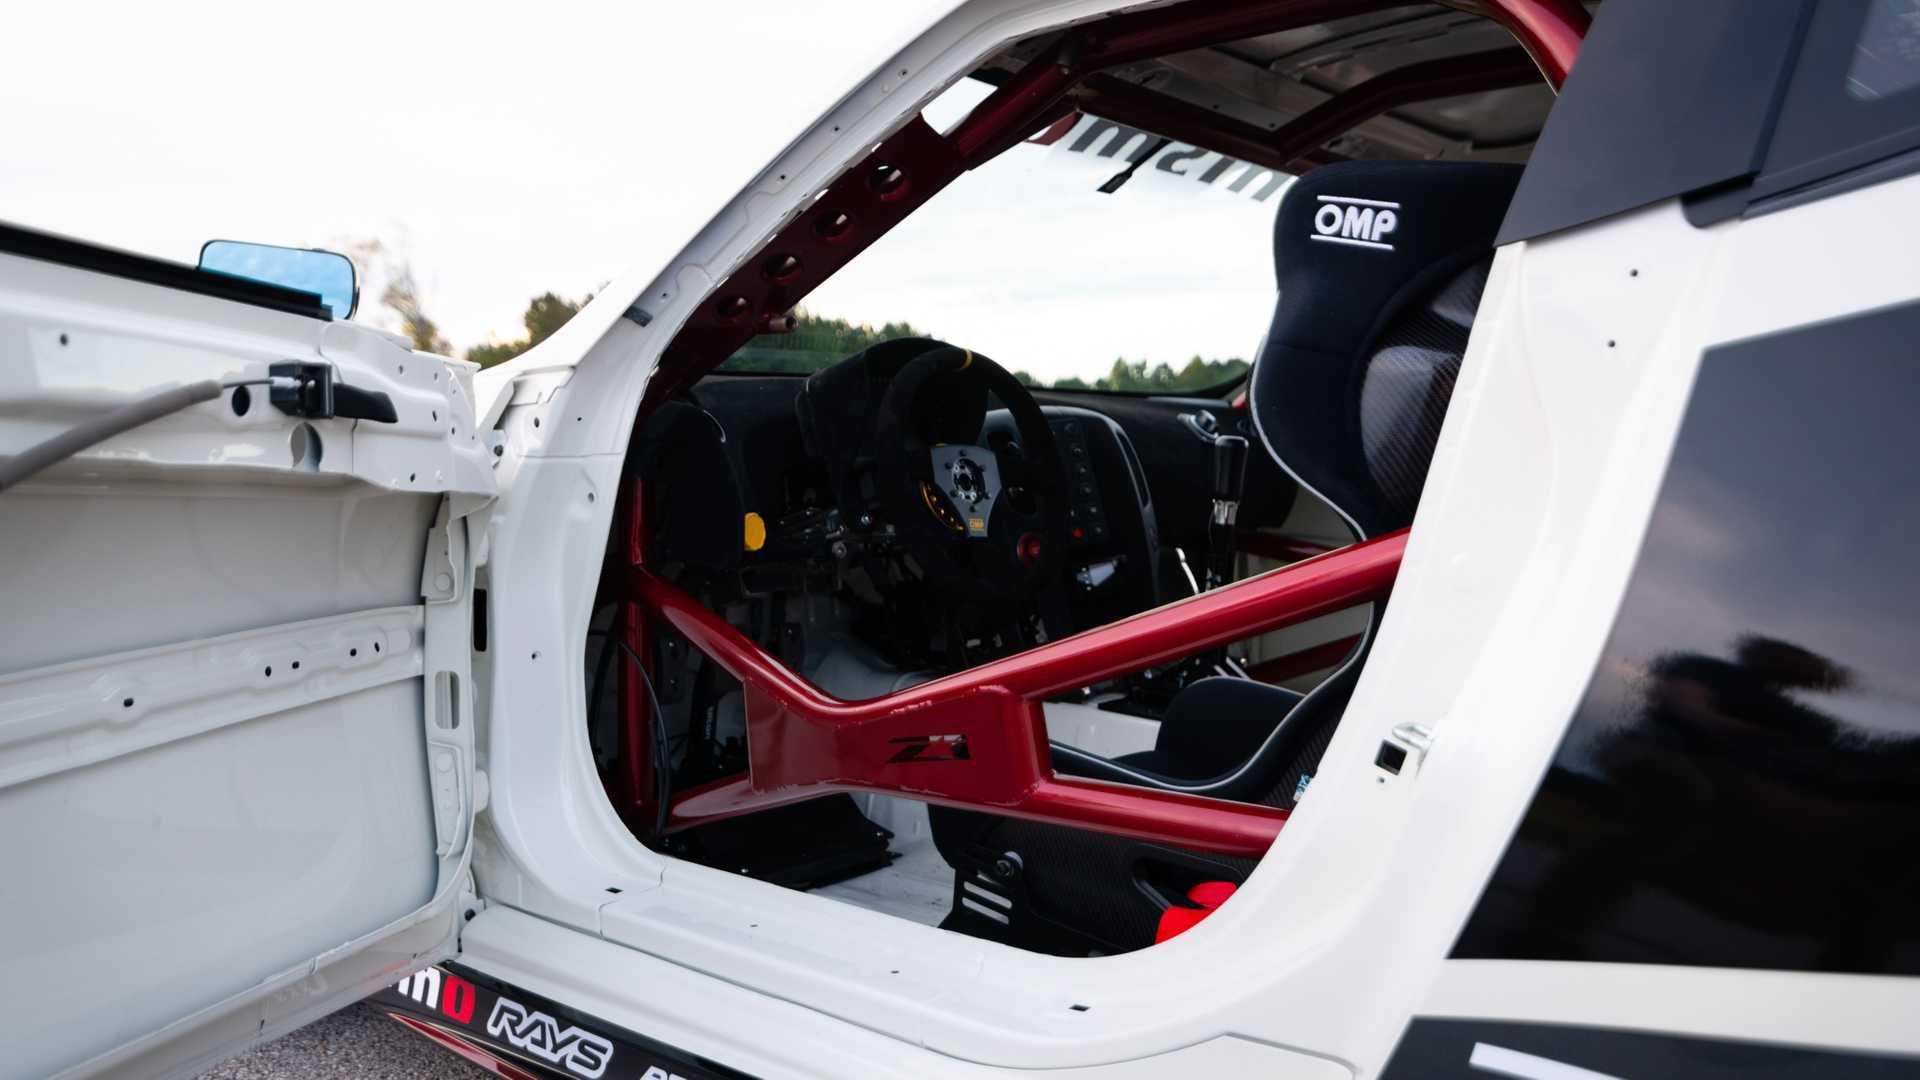 nissan-370z-by-z1-motorsports-une-bete-de-course-1147-6.jpg